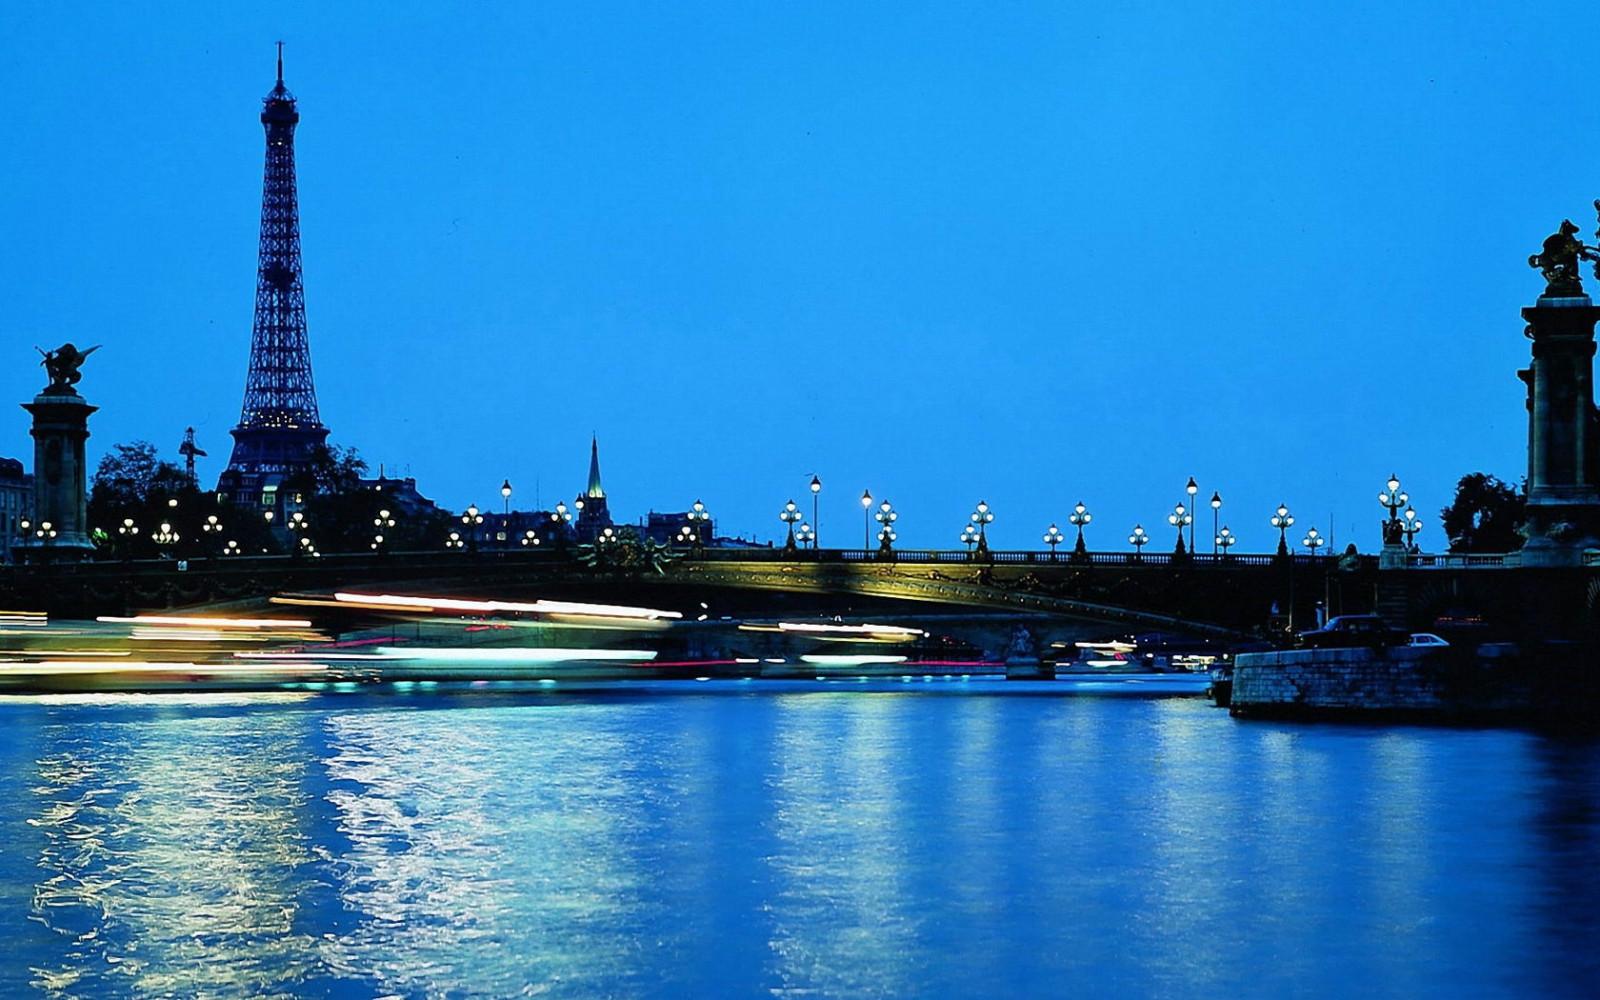 Fond d'écran : Paris, France, tour Eiffel, pont, eau, ciel bleu, soir, lumières, Ville de nuit ...